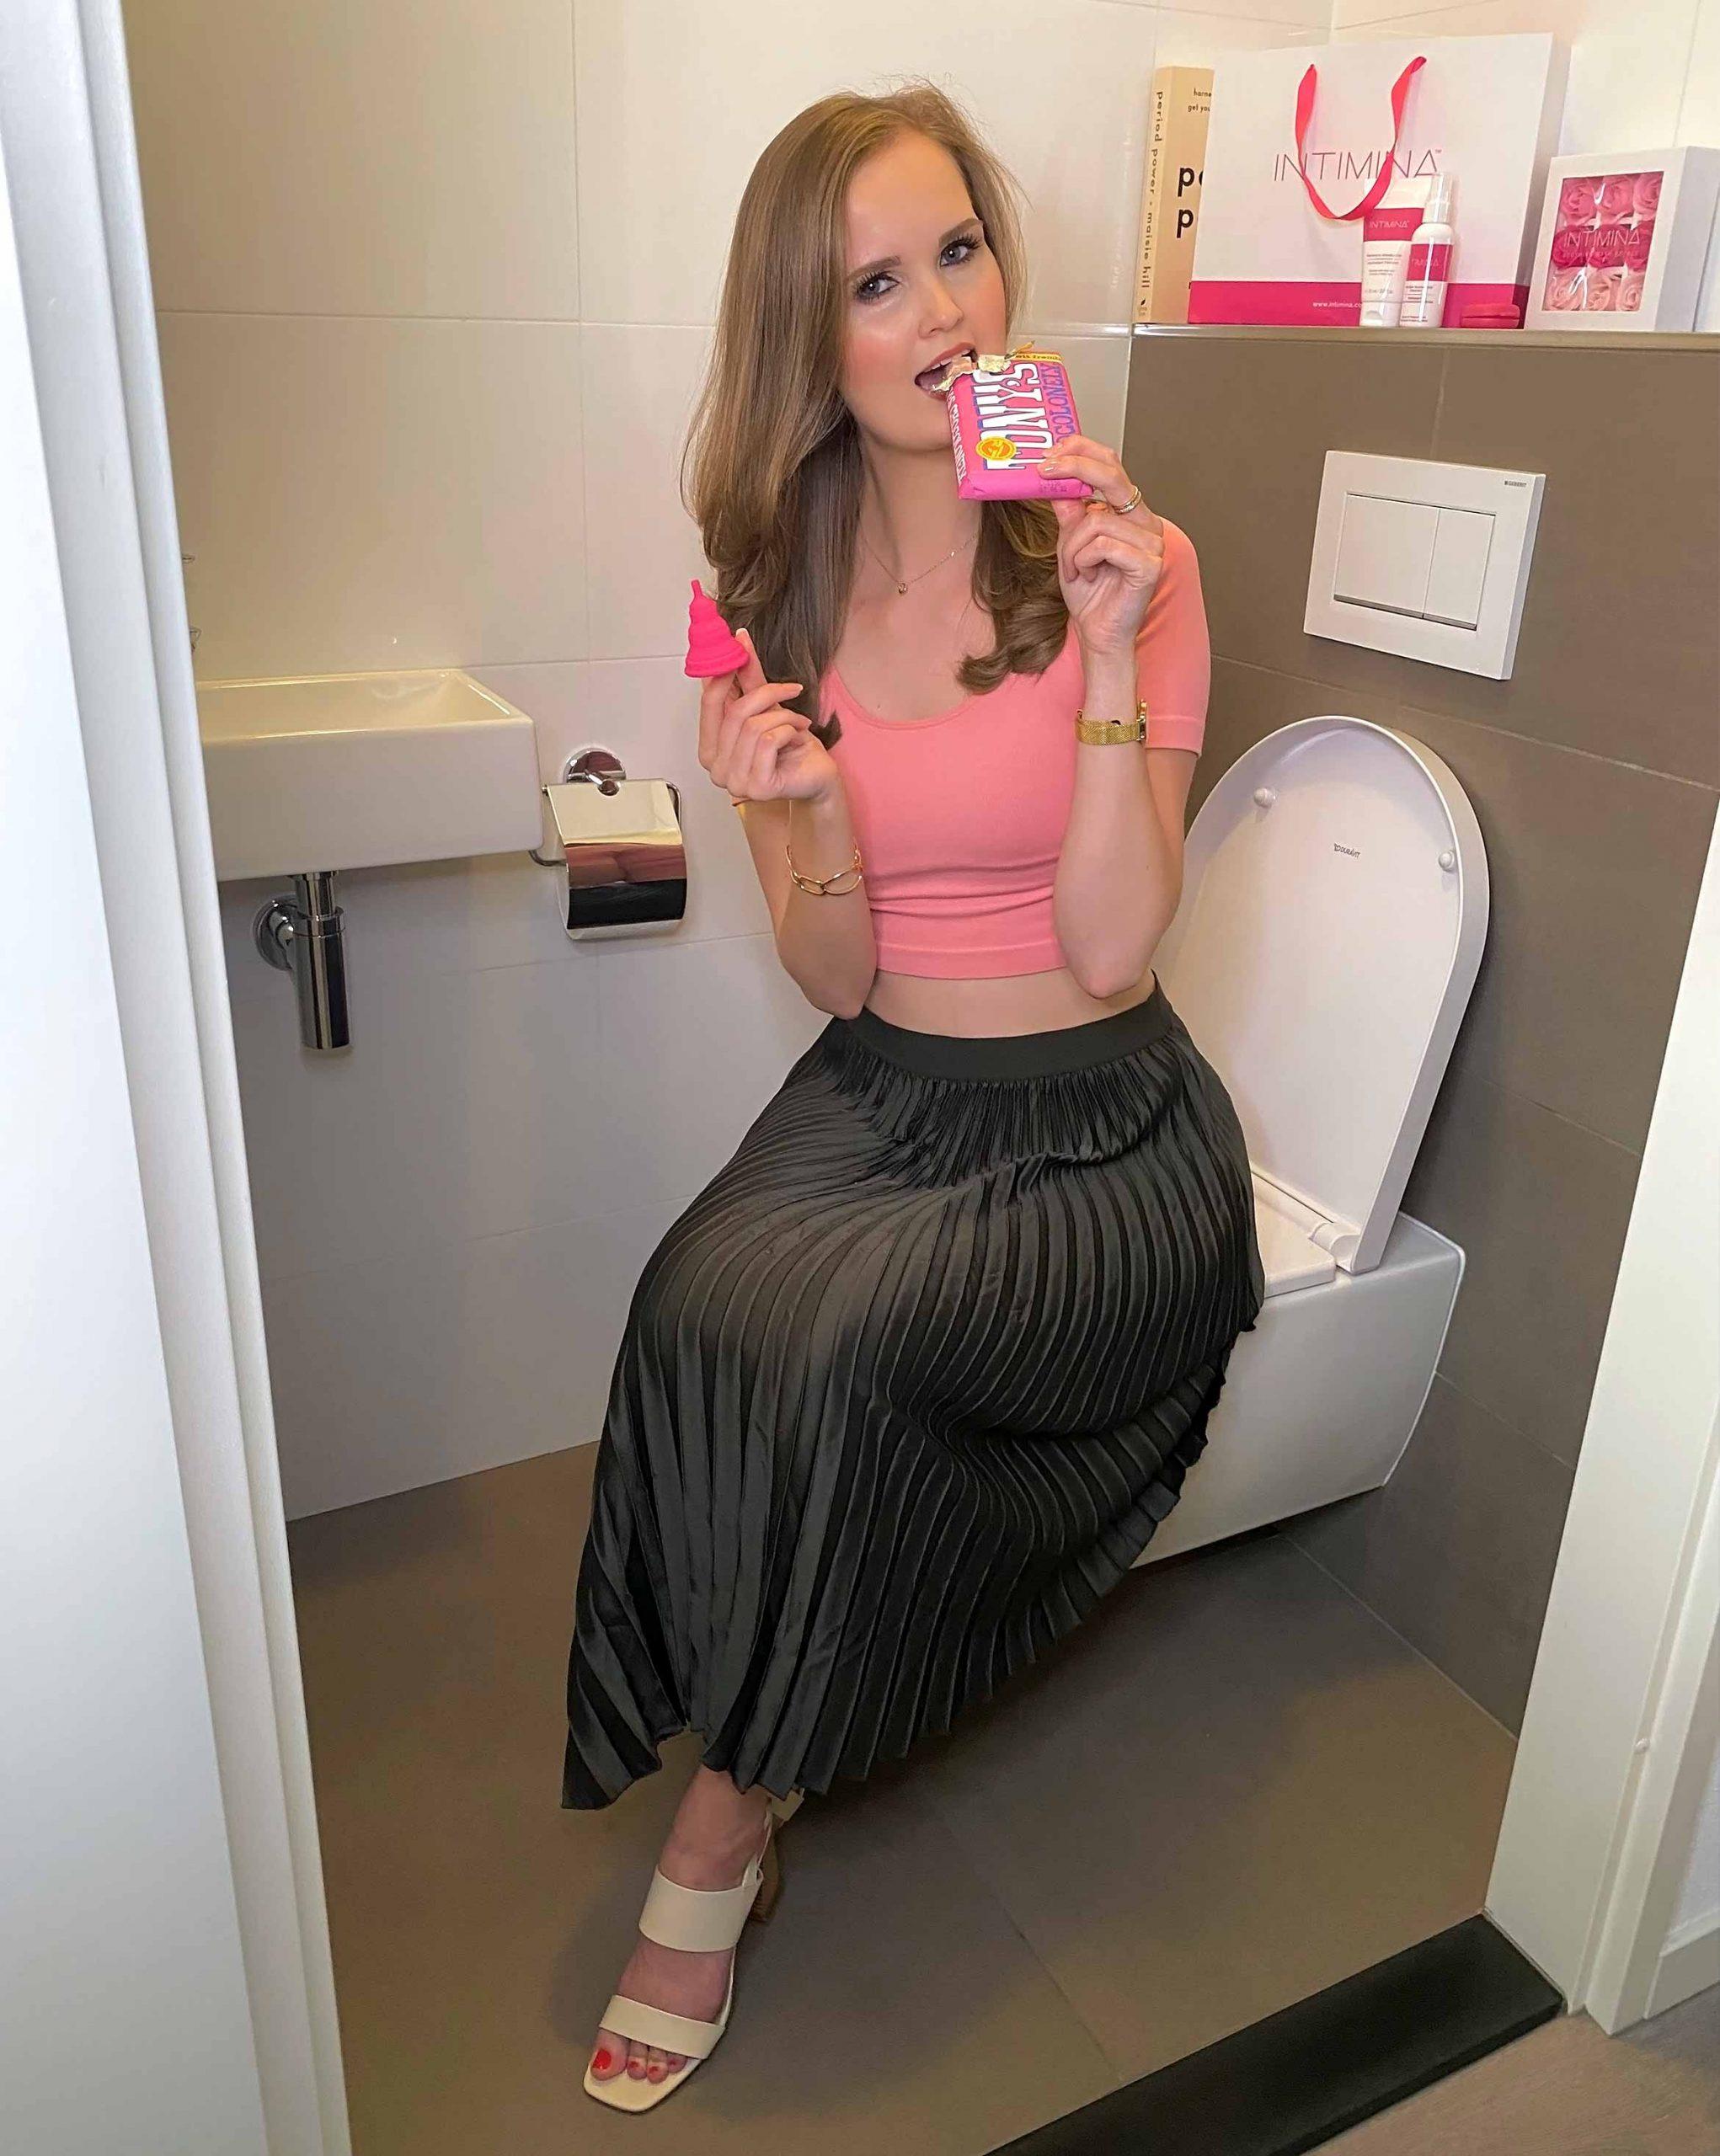 intimina menstruatie taboe menstruatiecup ongesteld chocolade